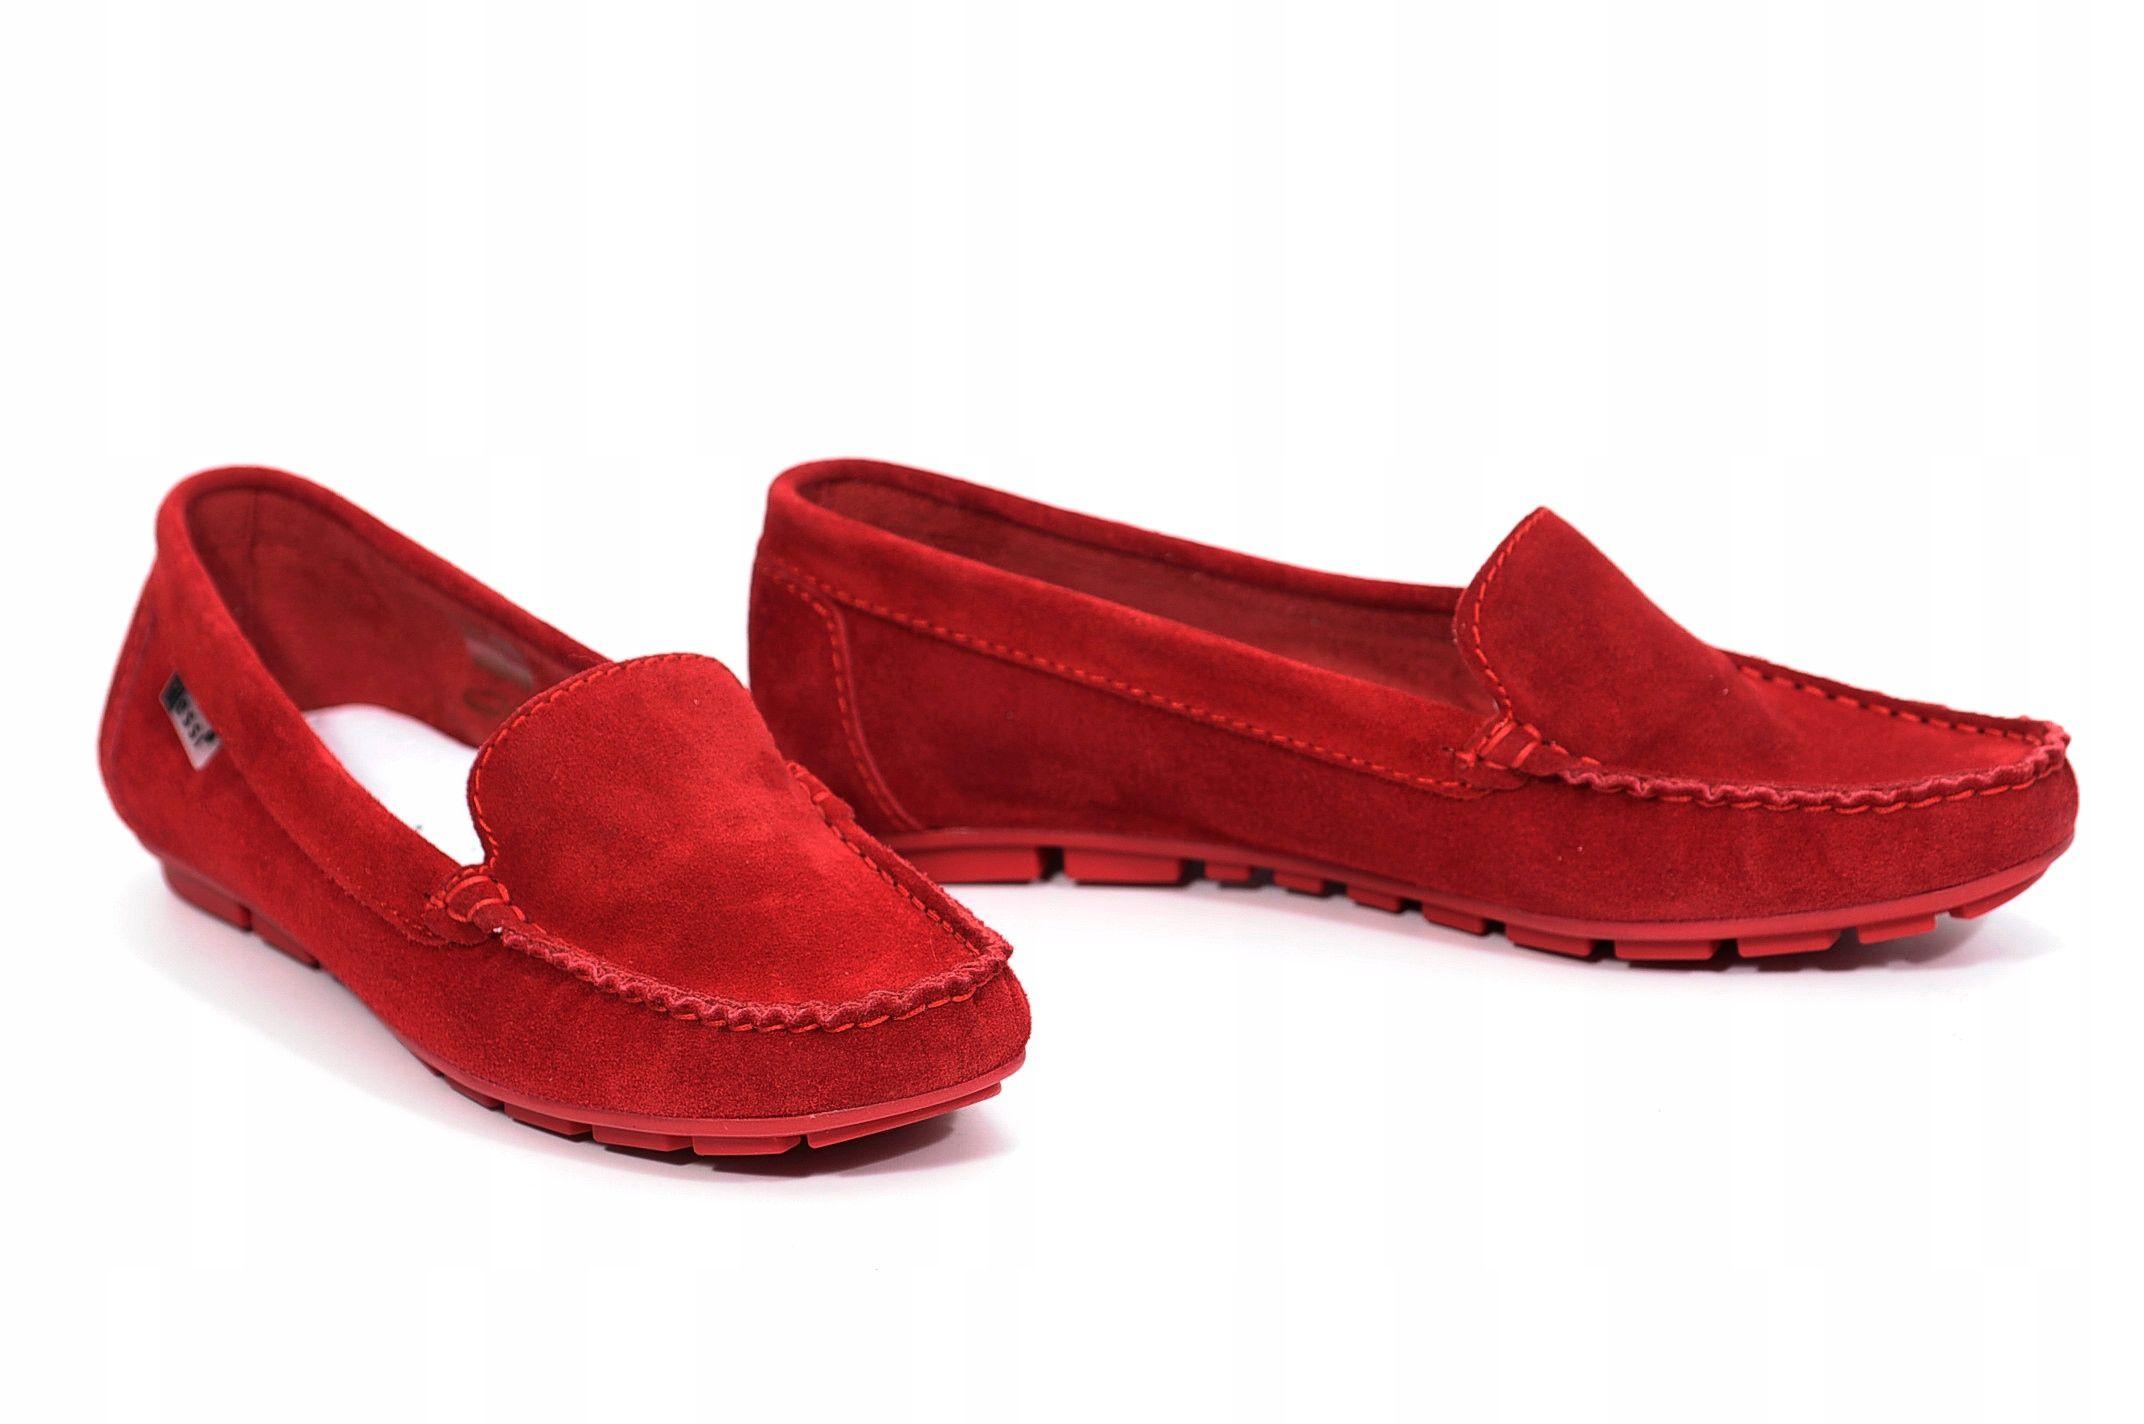 Mokasyny Nessi 17130 Czerwony 19 Rozmiar 40 Loafers Shoes Fashion